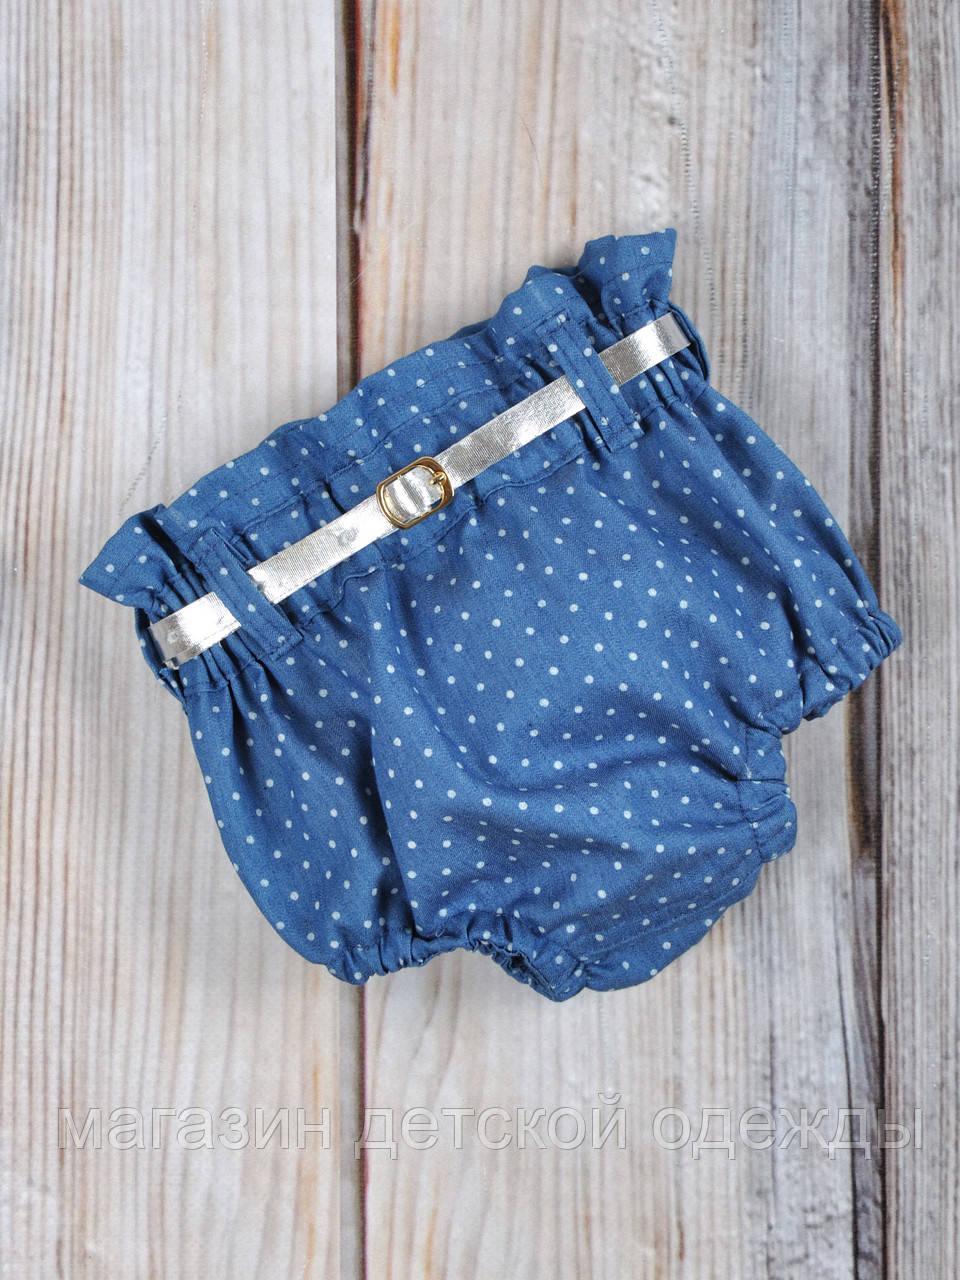 Голые знаменитости трусики из под джинс картинки голые